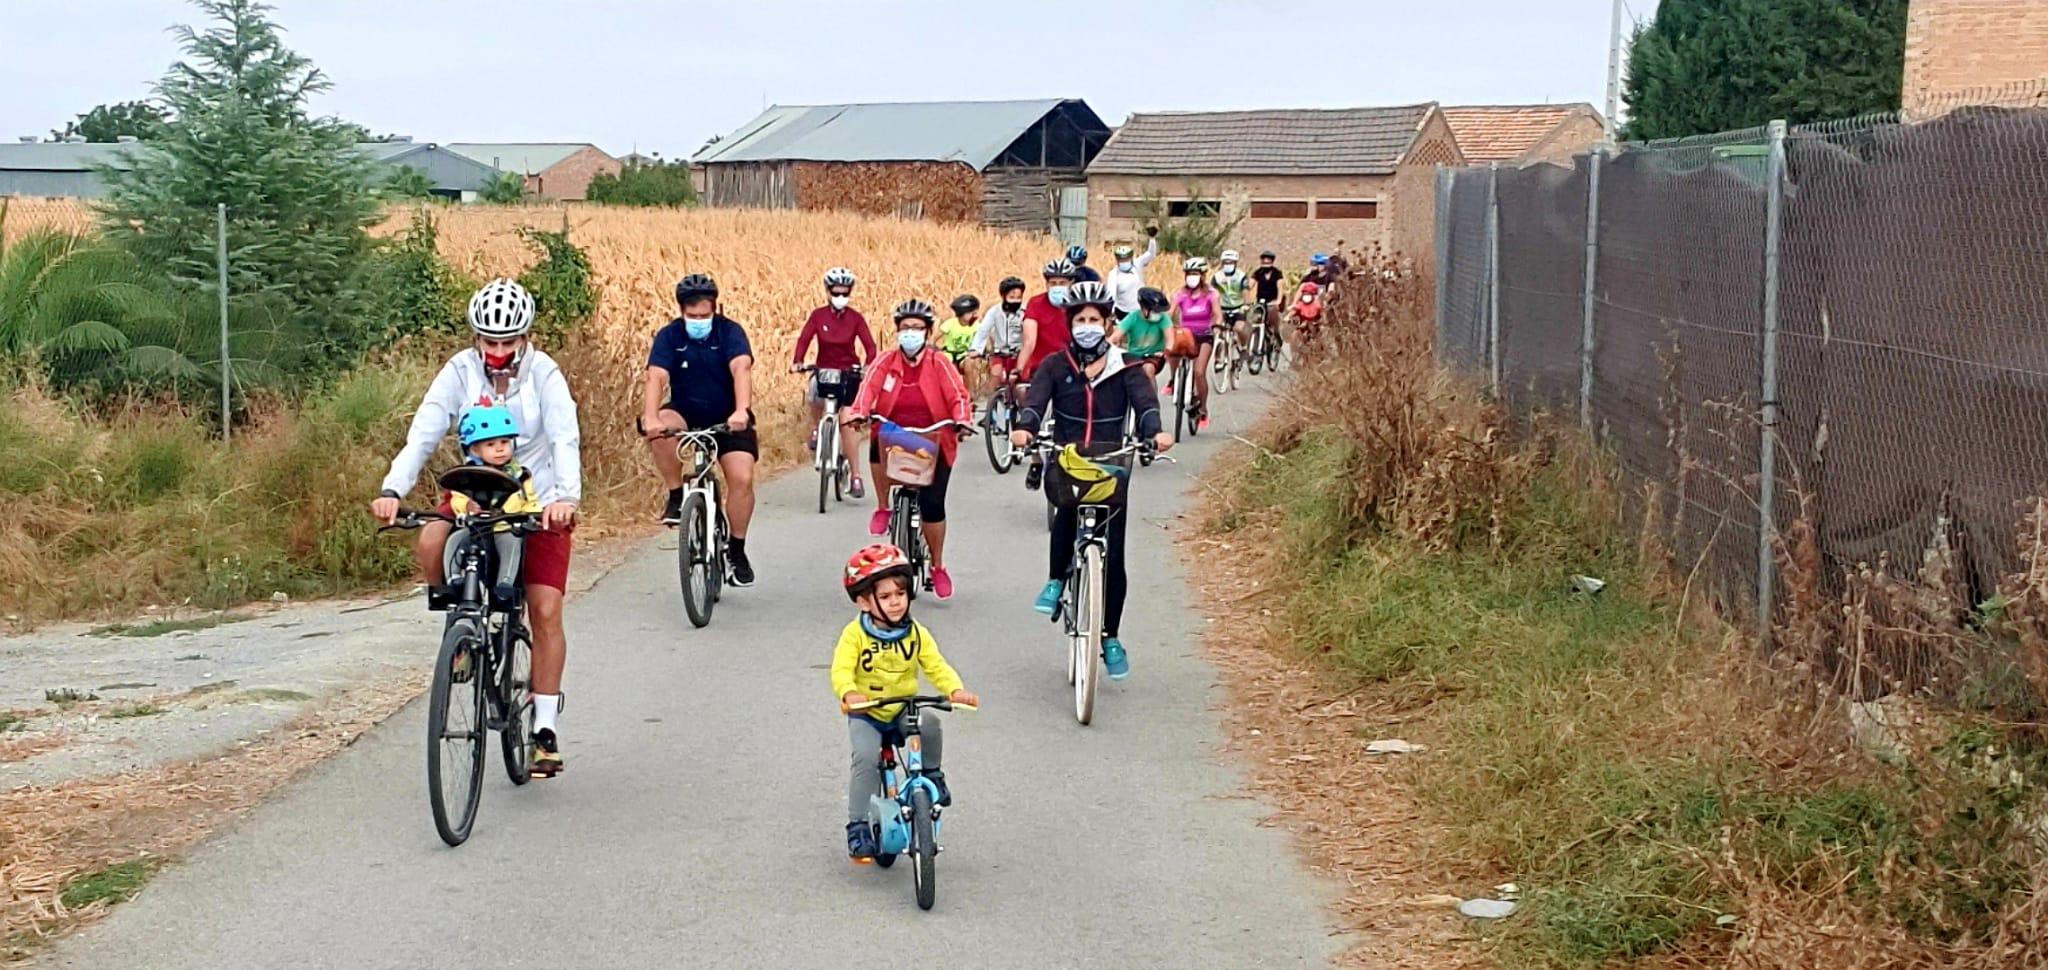 Cúllar Vega organiza una ruta en bicicleta por la Vega para fomentar la movilidad sostenible entre sus vecinos